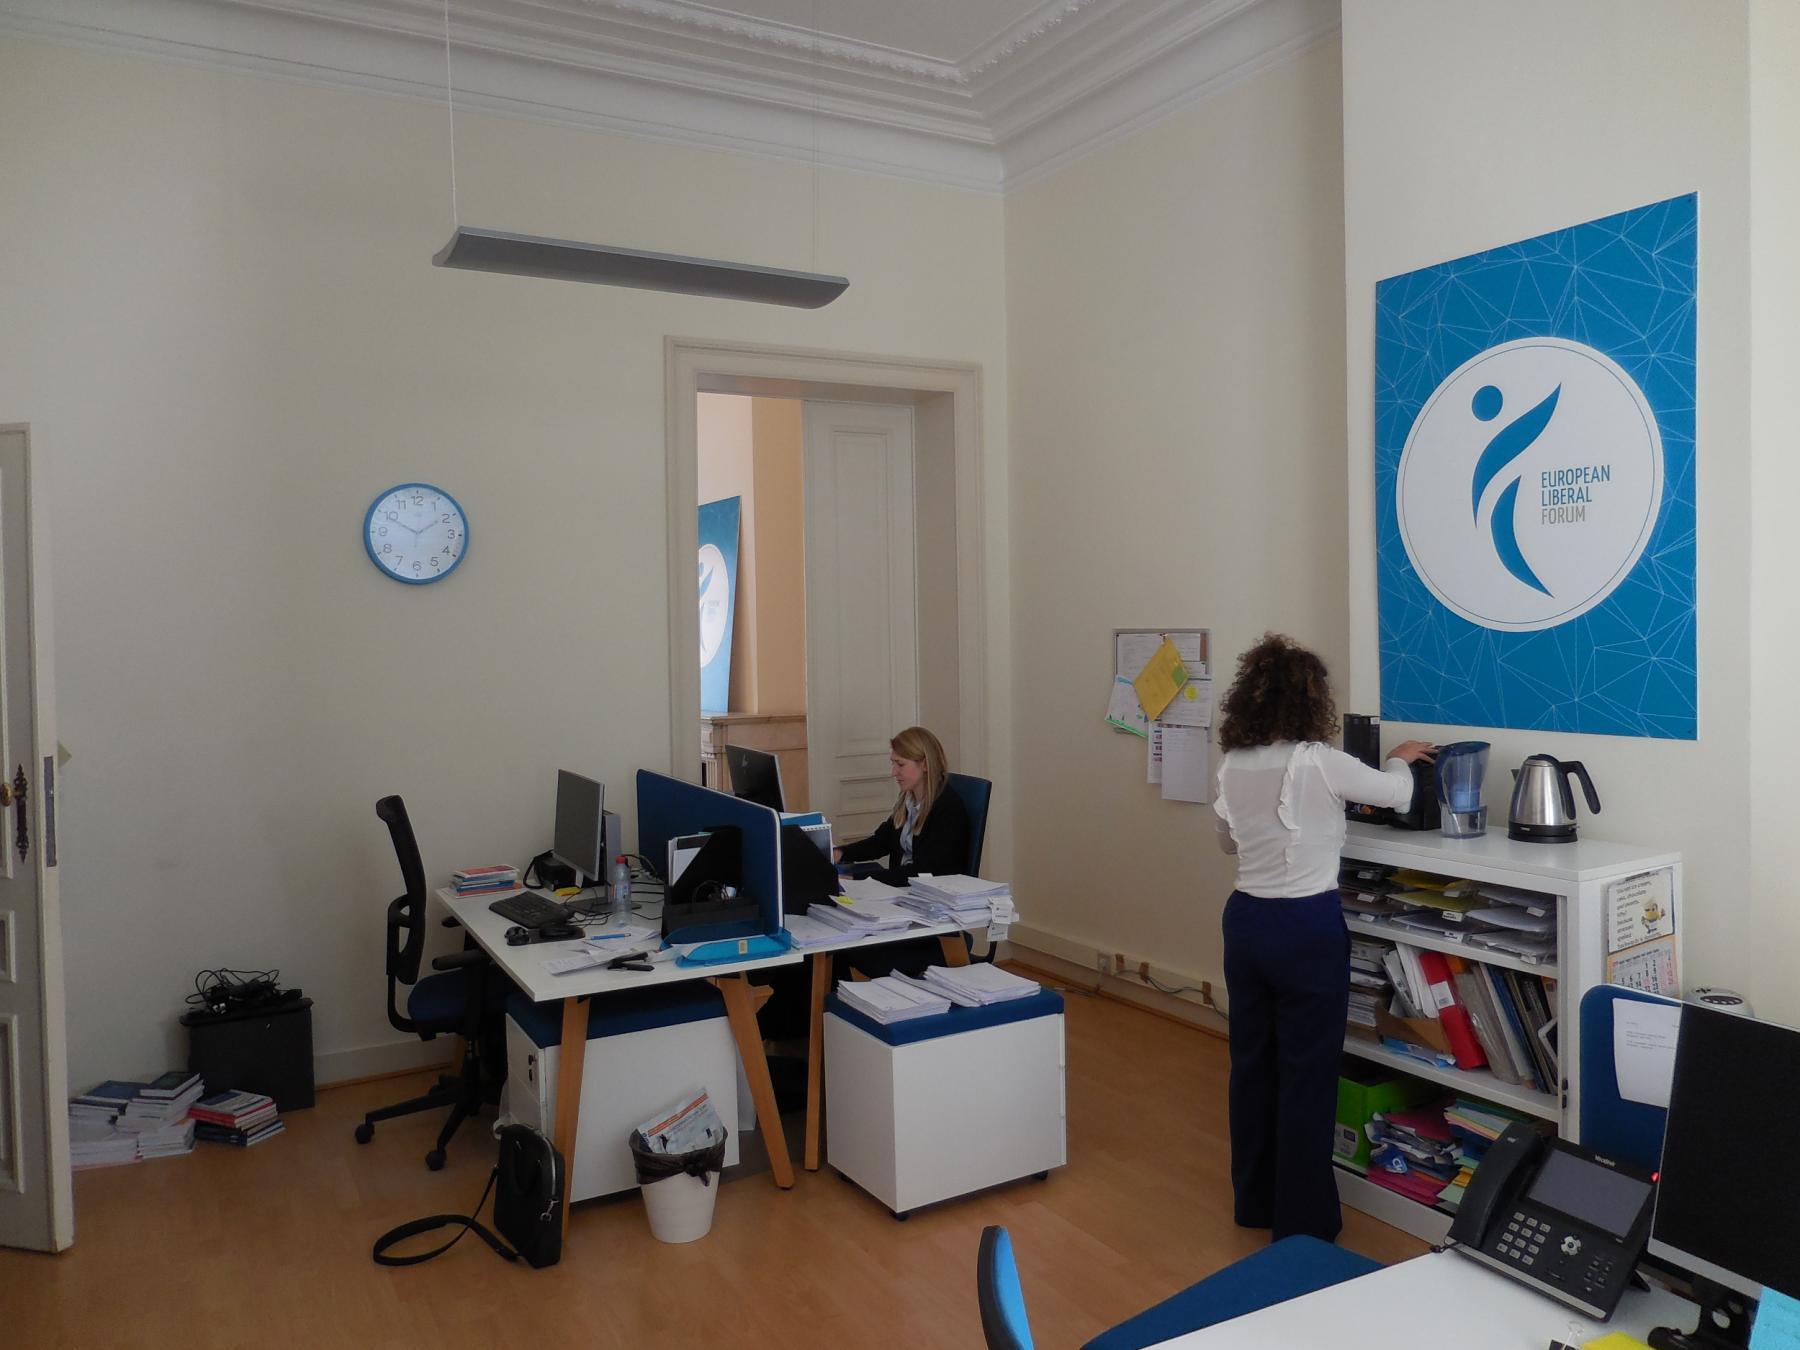 Rent office space Rue des Deux Eglises 37-39 37-39, Brussel (10)